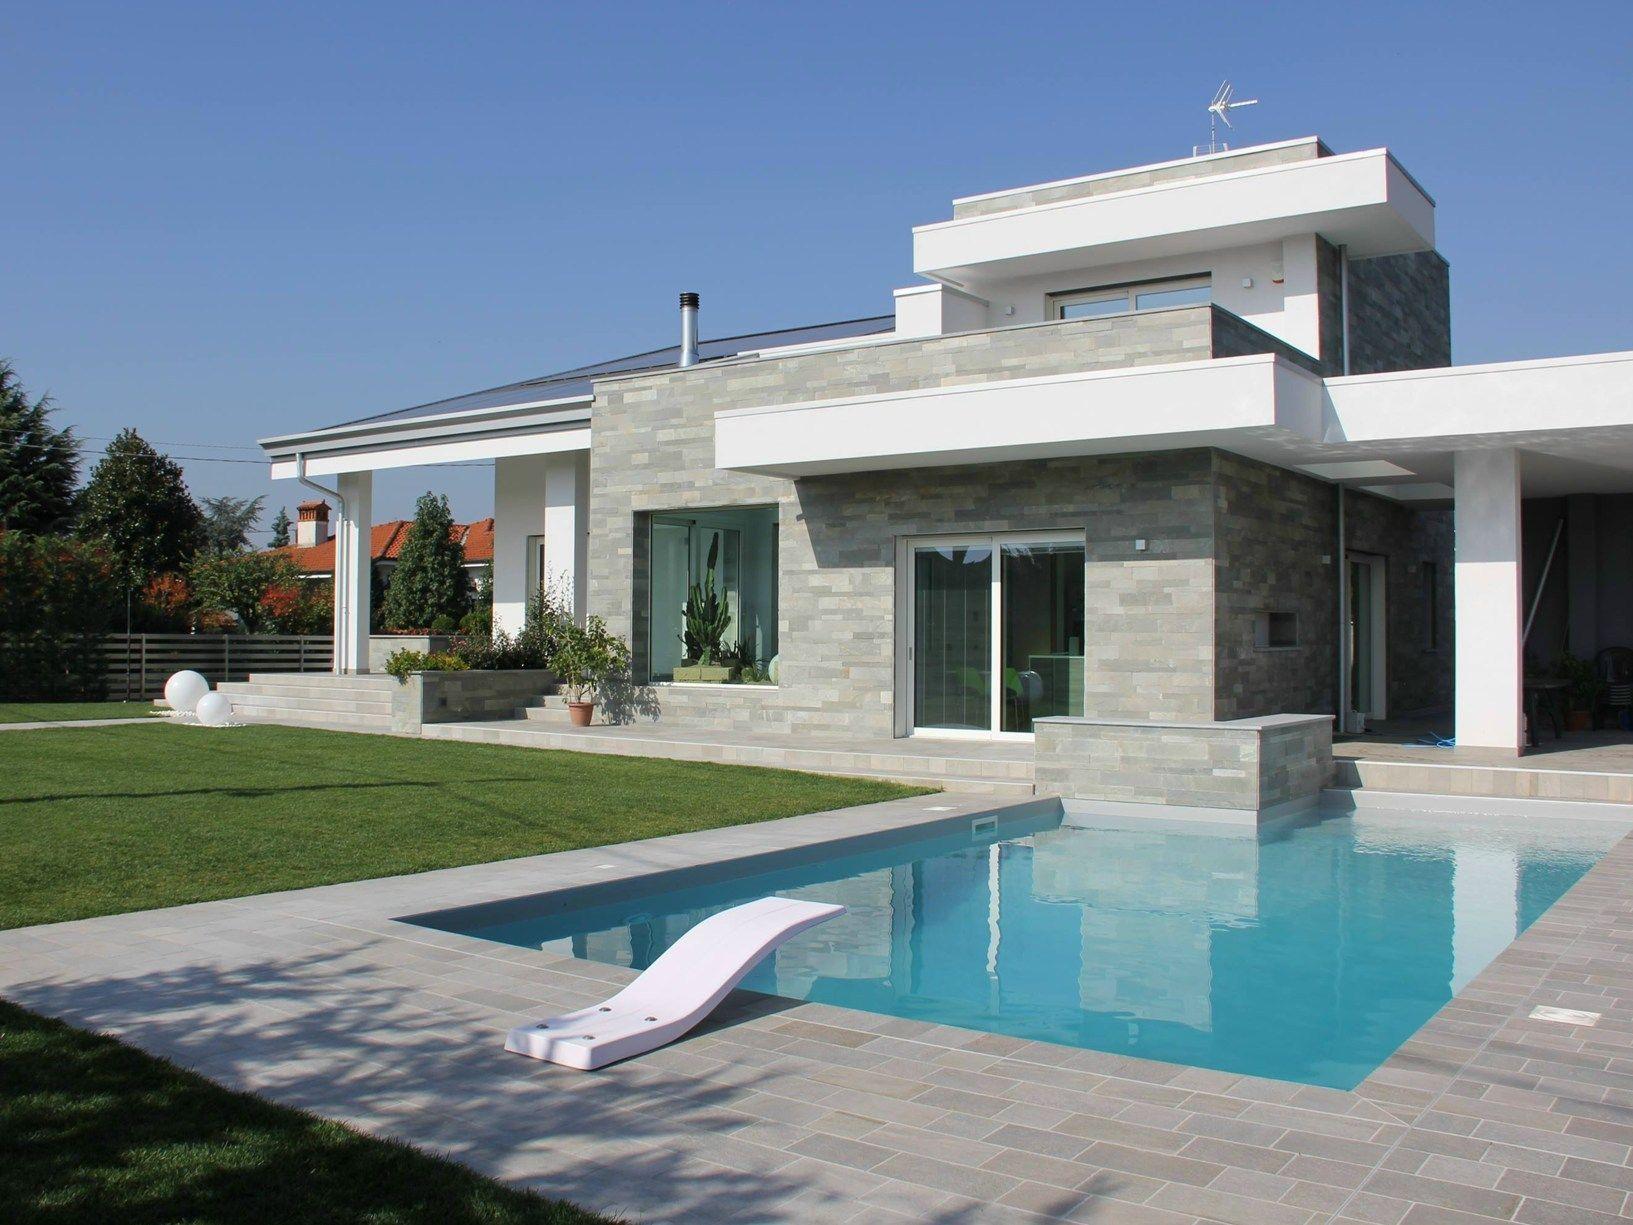 Colori casa esterno with colori casa esterno for Grandi progetti per la casa